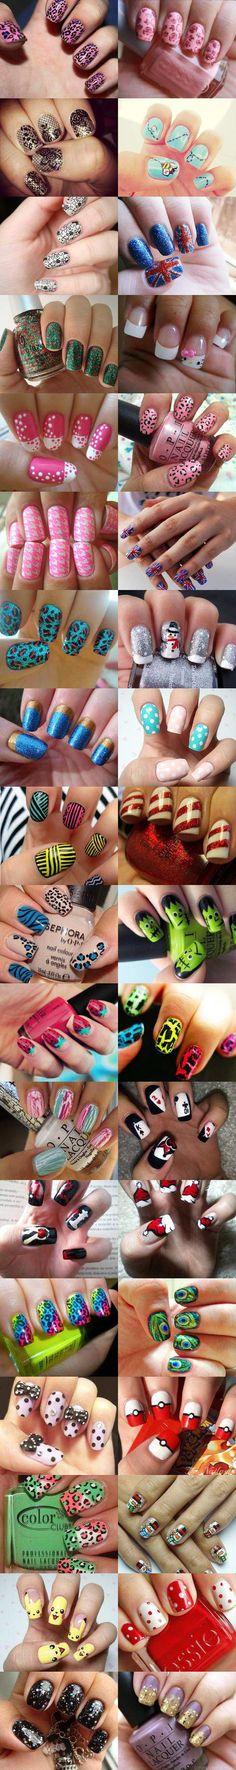 Nail polish! :D